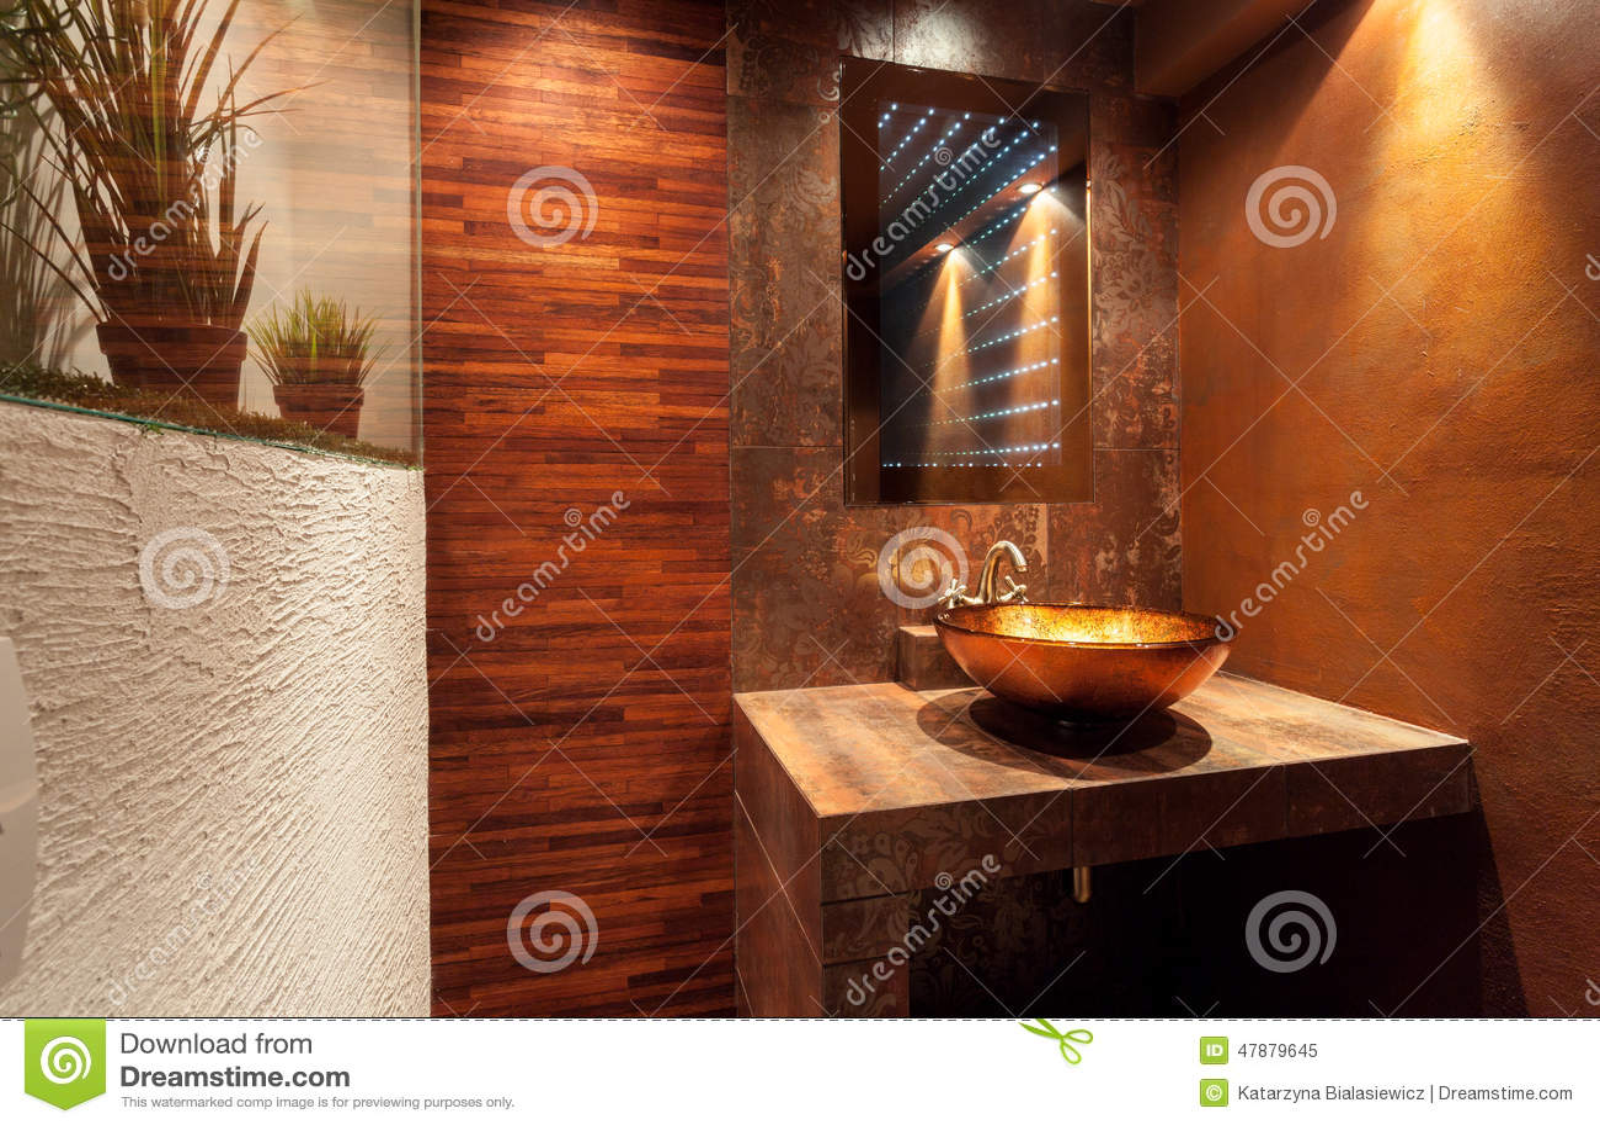 Teures Badezimmer Mit Goldener Wanne Stockbild - Bild von